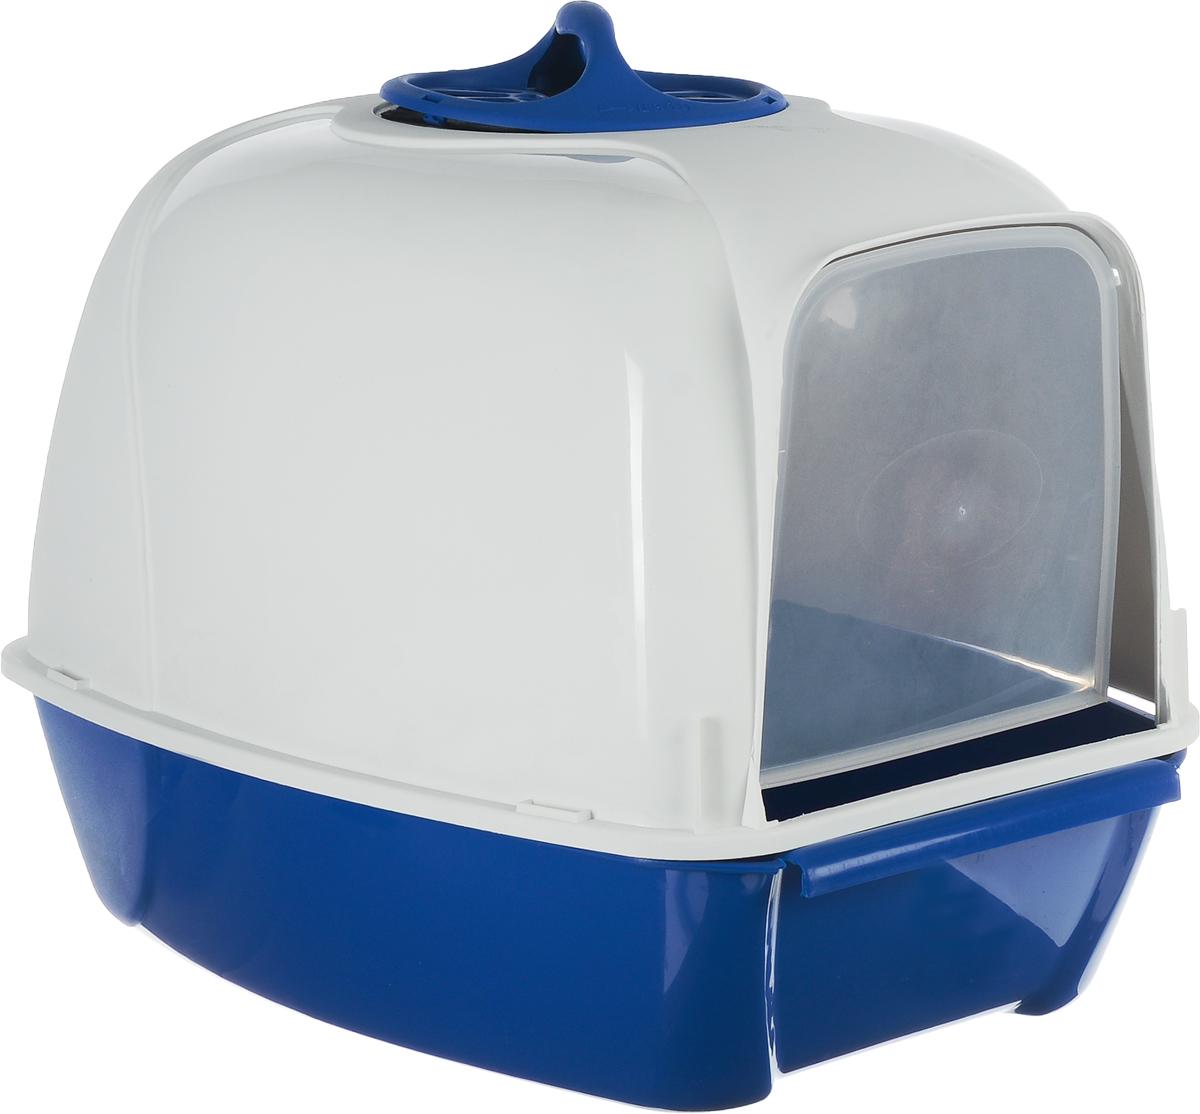 Био-туалет для кошек MPS Pixi, 52х39х39h см синийS07010103_синийБио-туалет для кошек MPS Pixi, 52х39х39h см синий